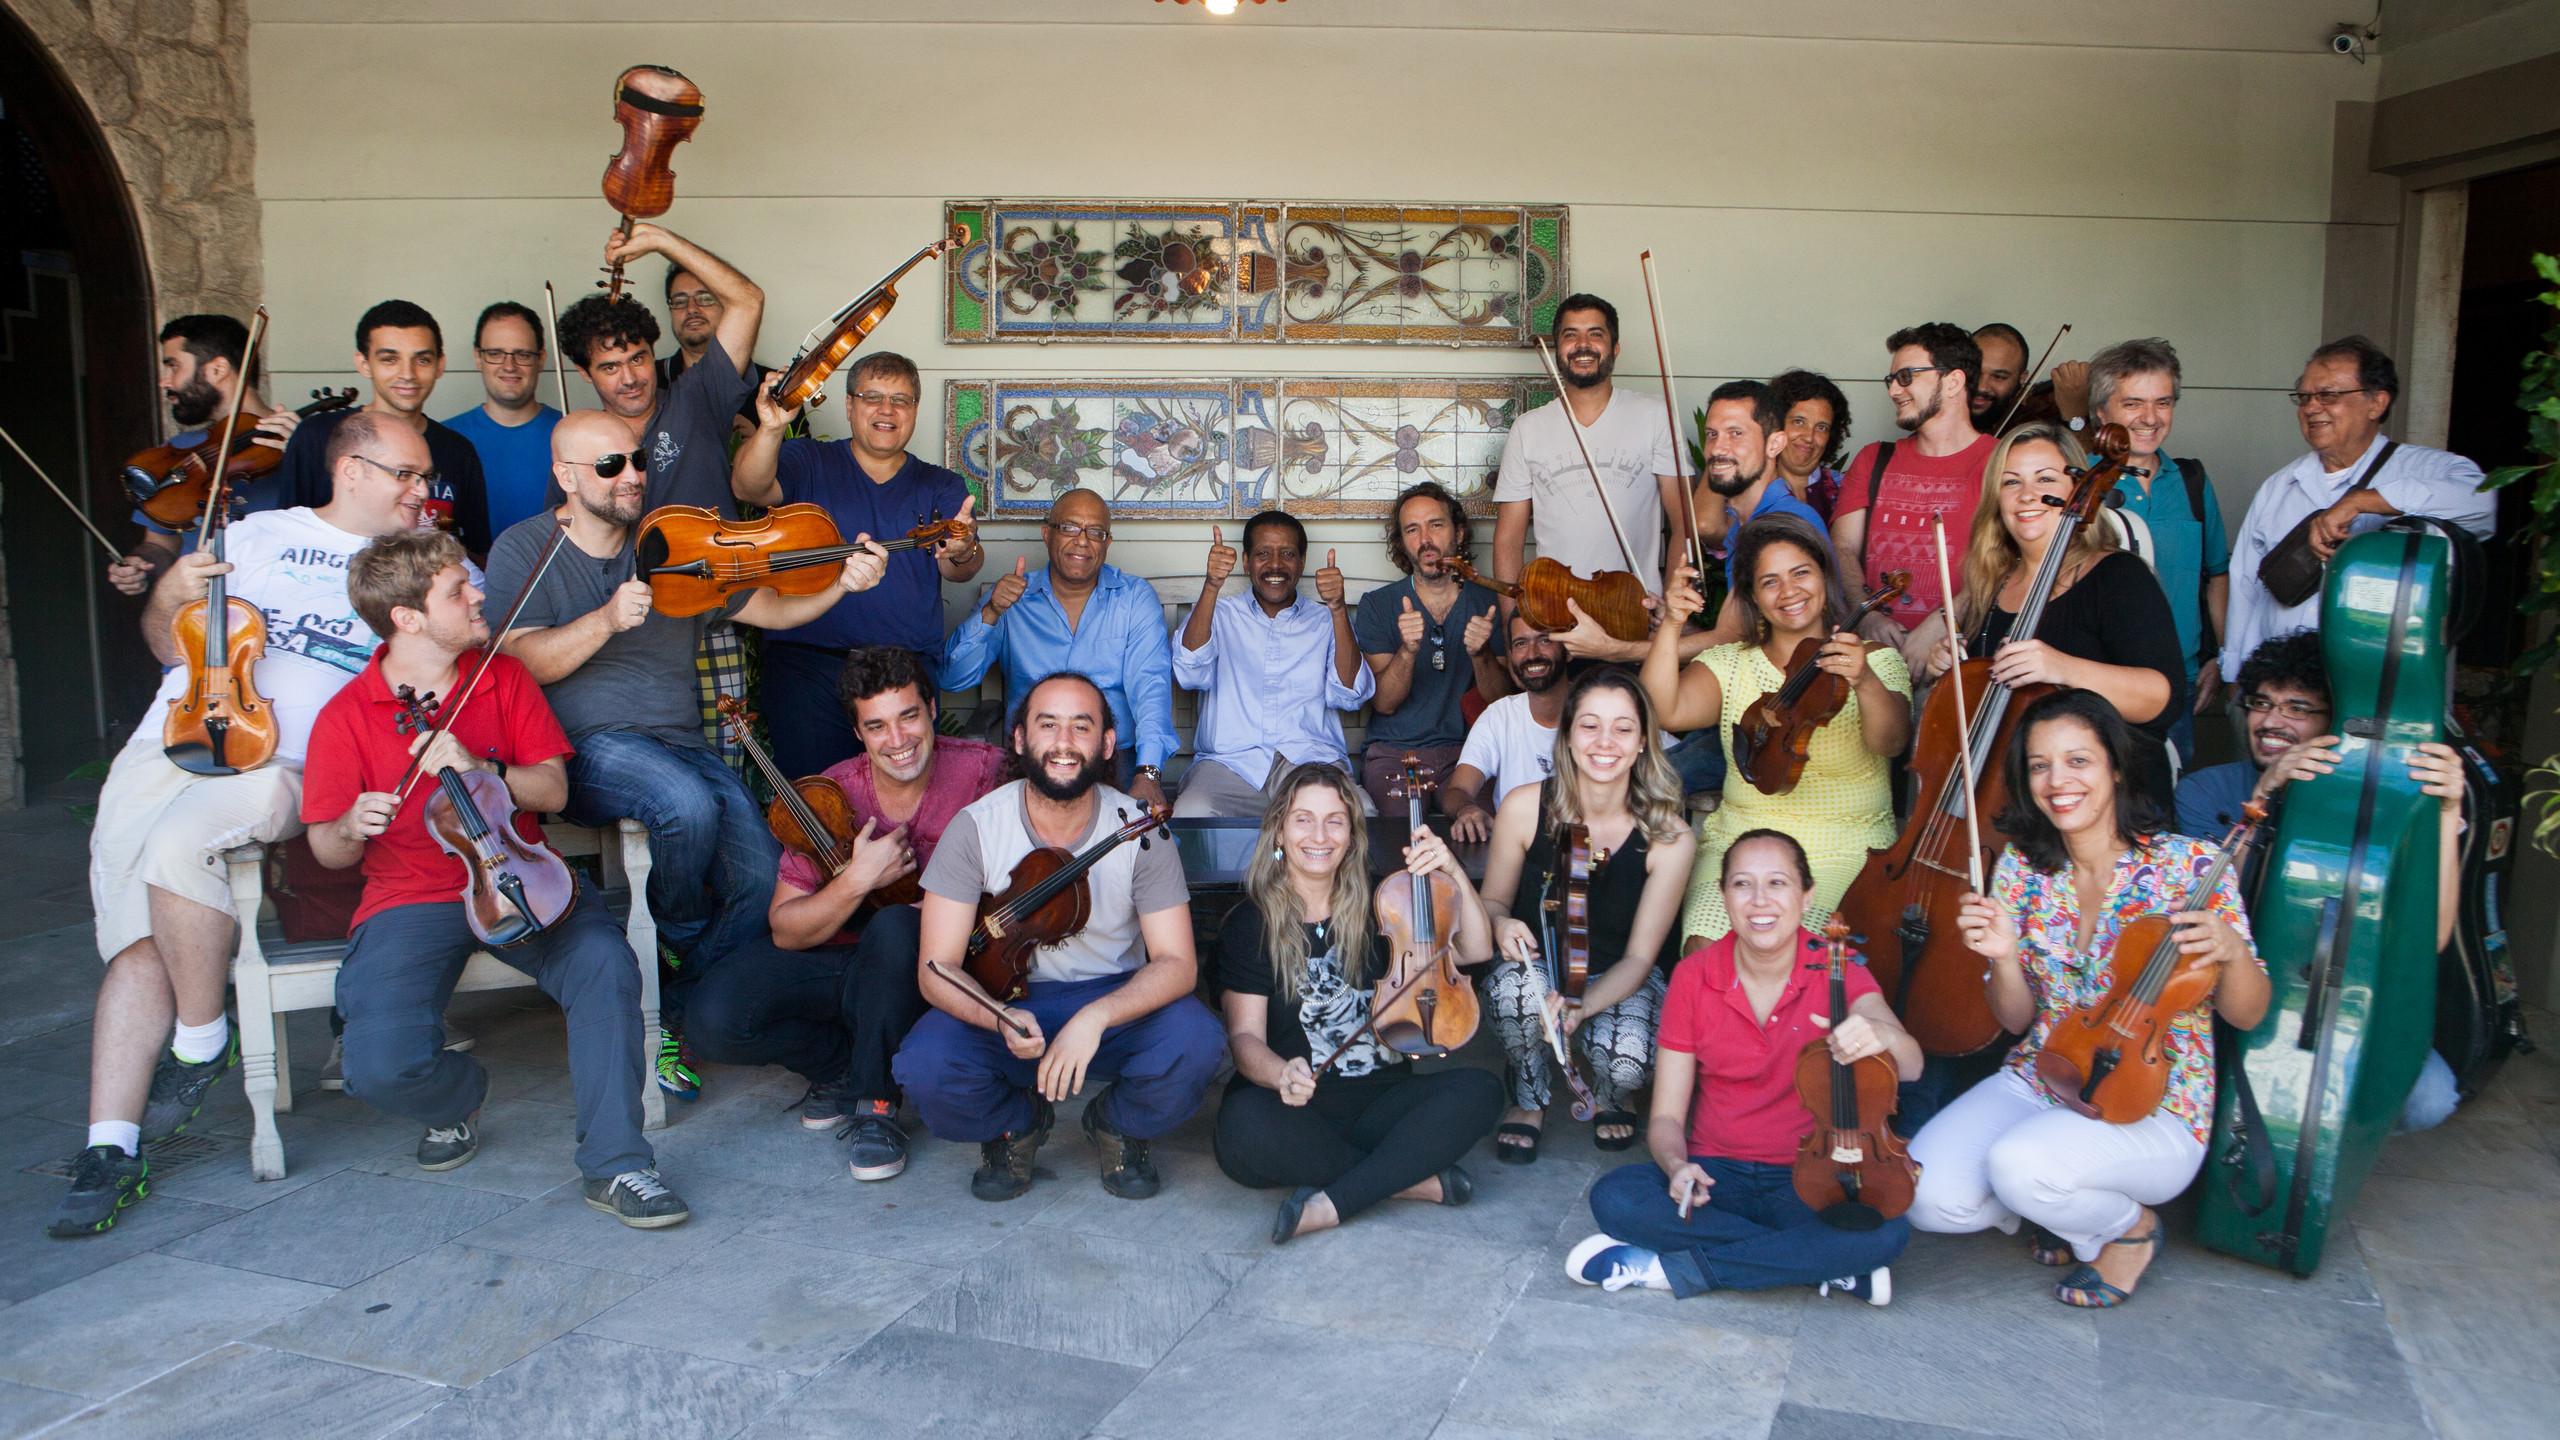 Bossa Nova Orchestra